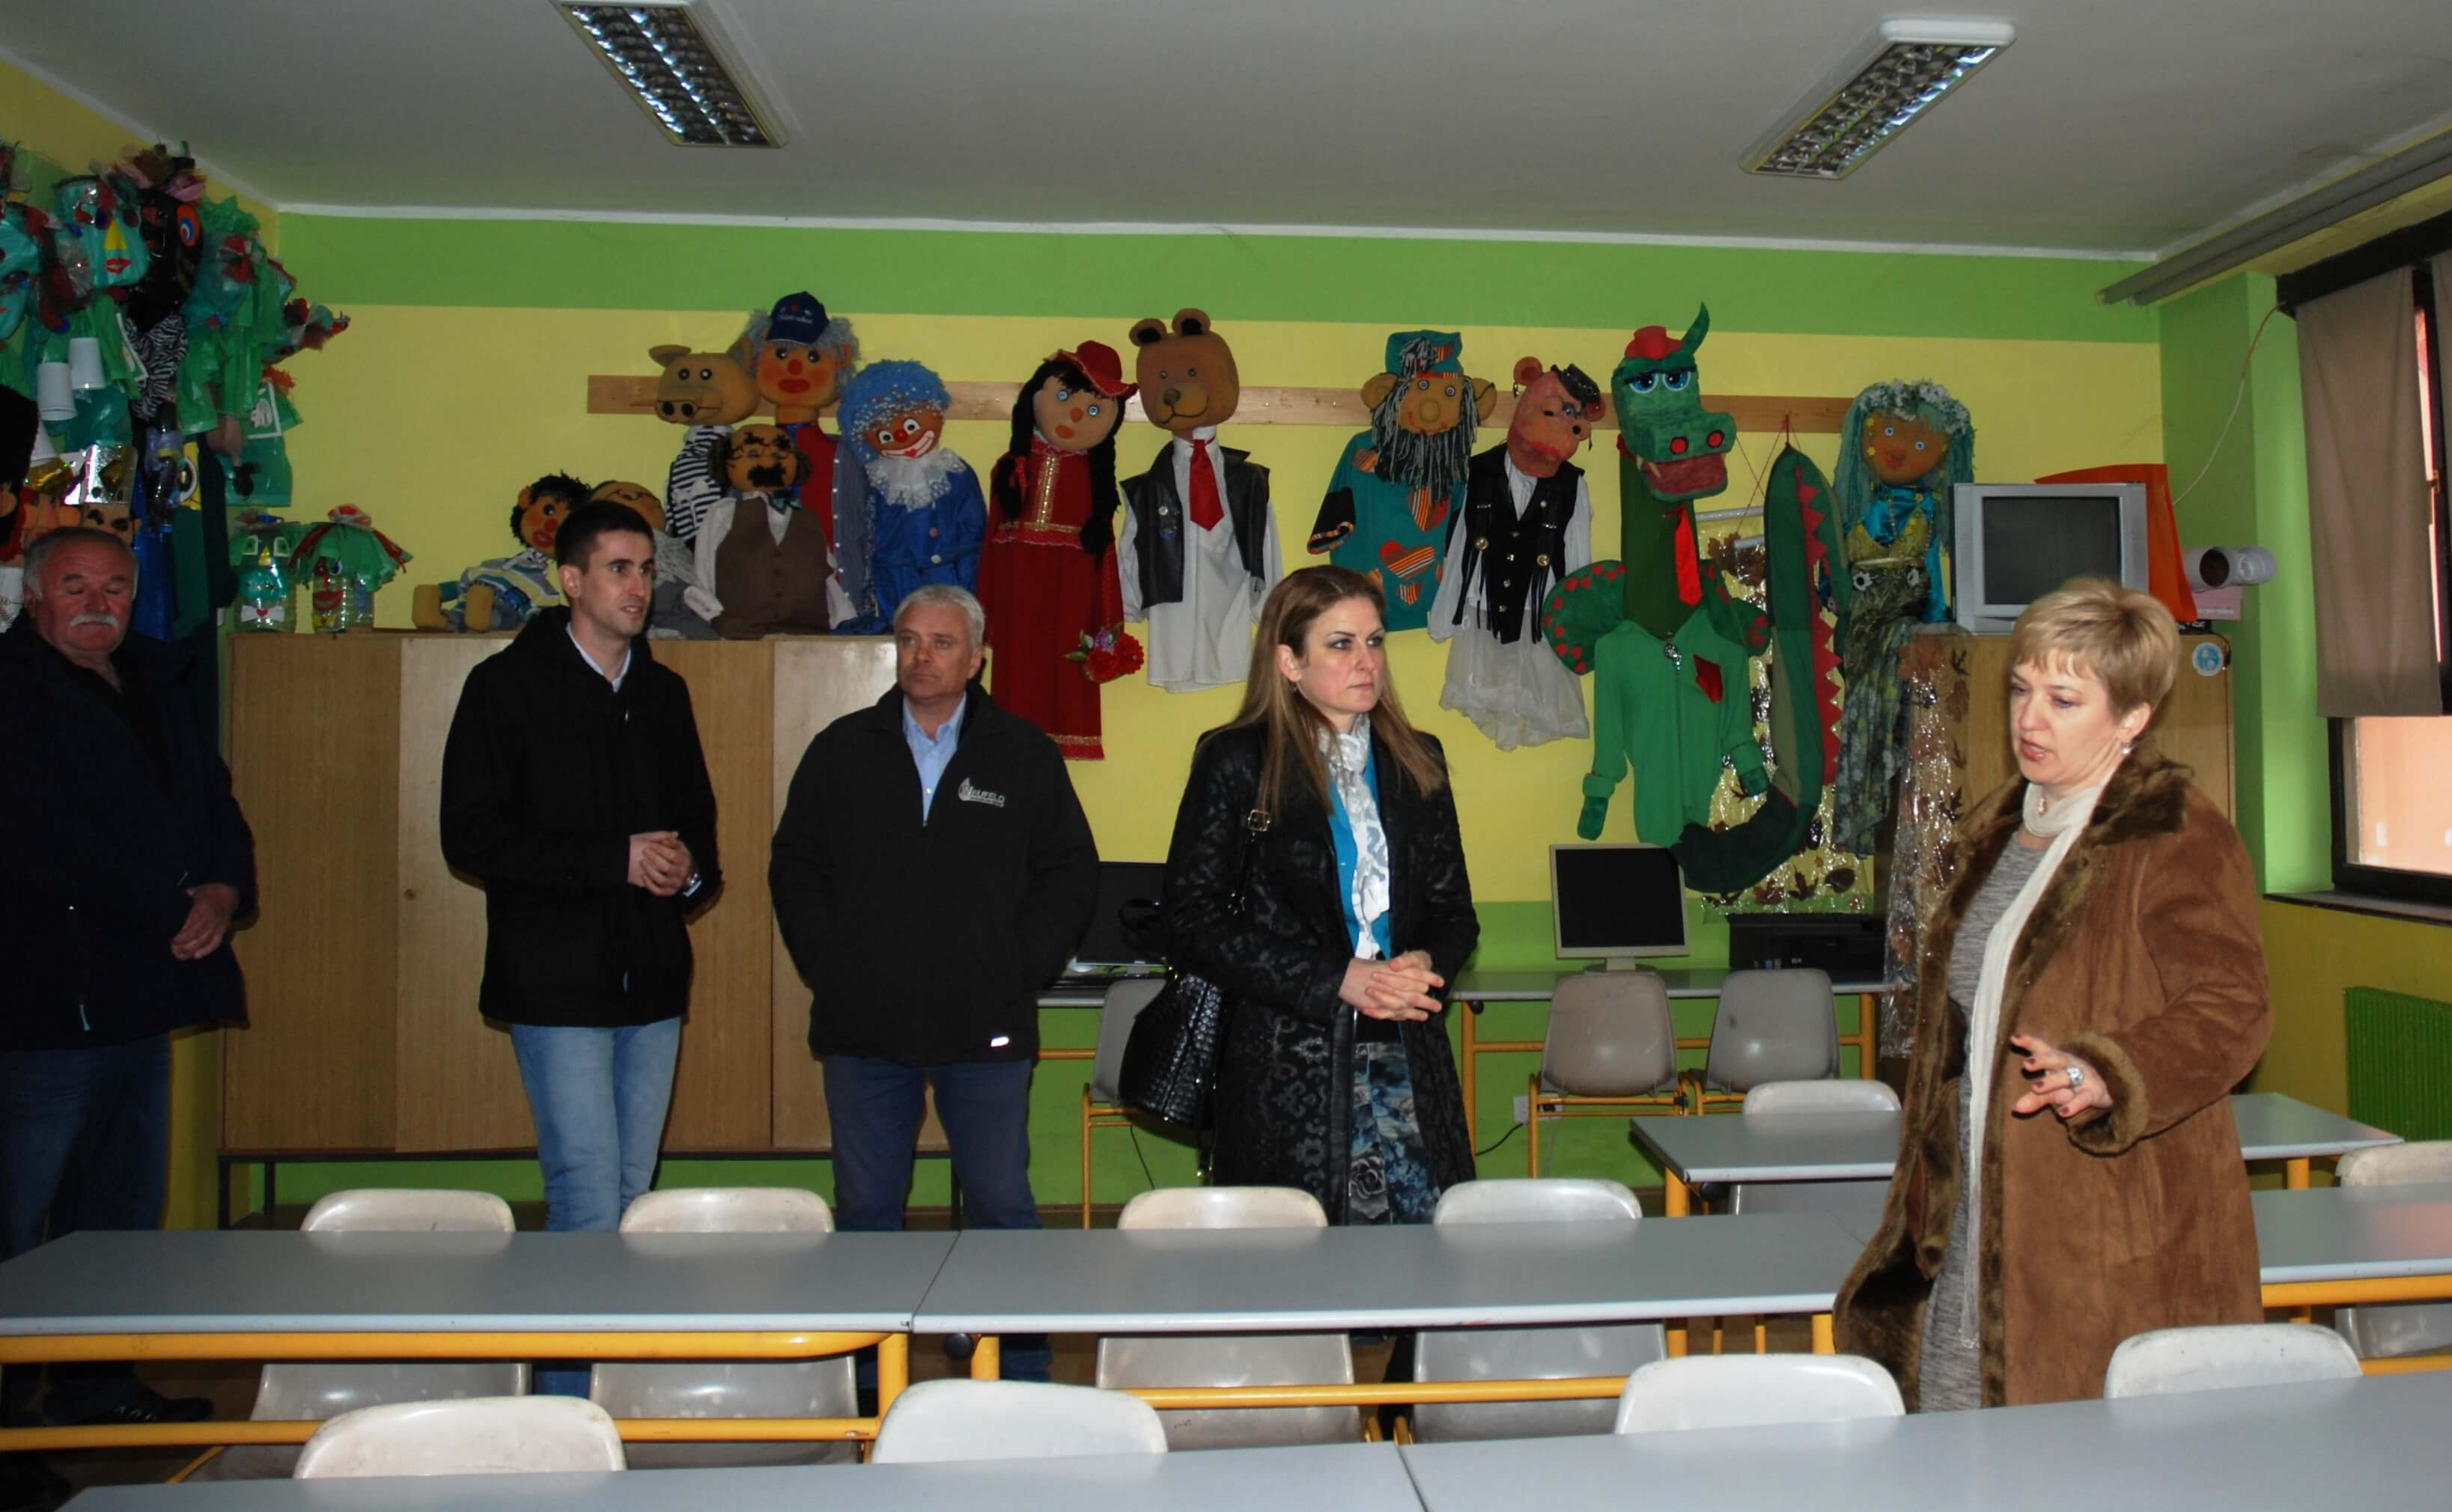 Прилилком посете градоначелнице основној школи, директорка Бранка Вулетић, је казала да школа има одличан учитељски и наставнички кадар, креативан и спреман на сарадњу